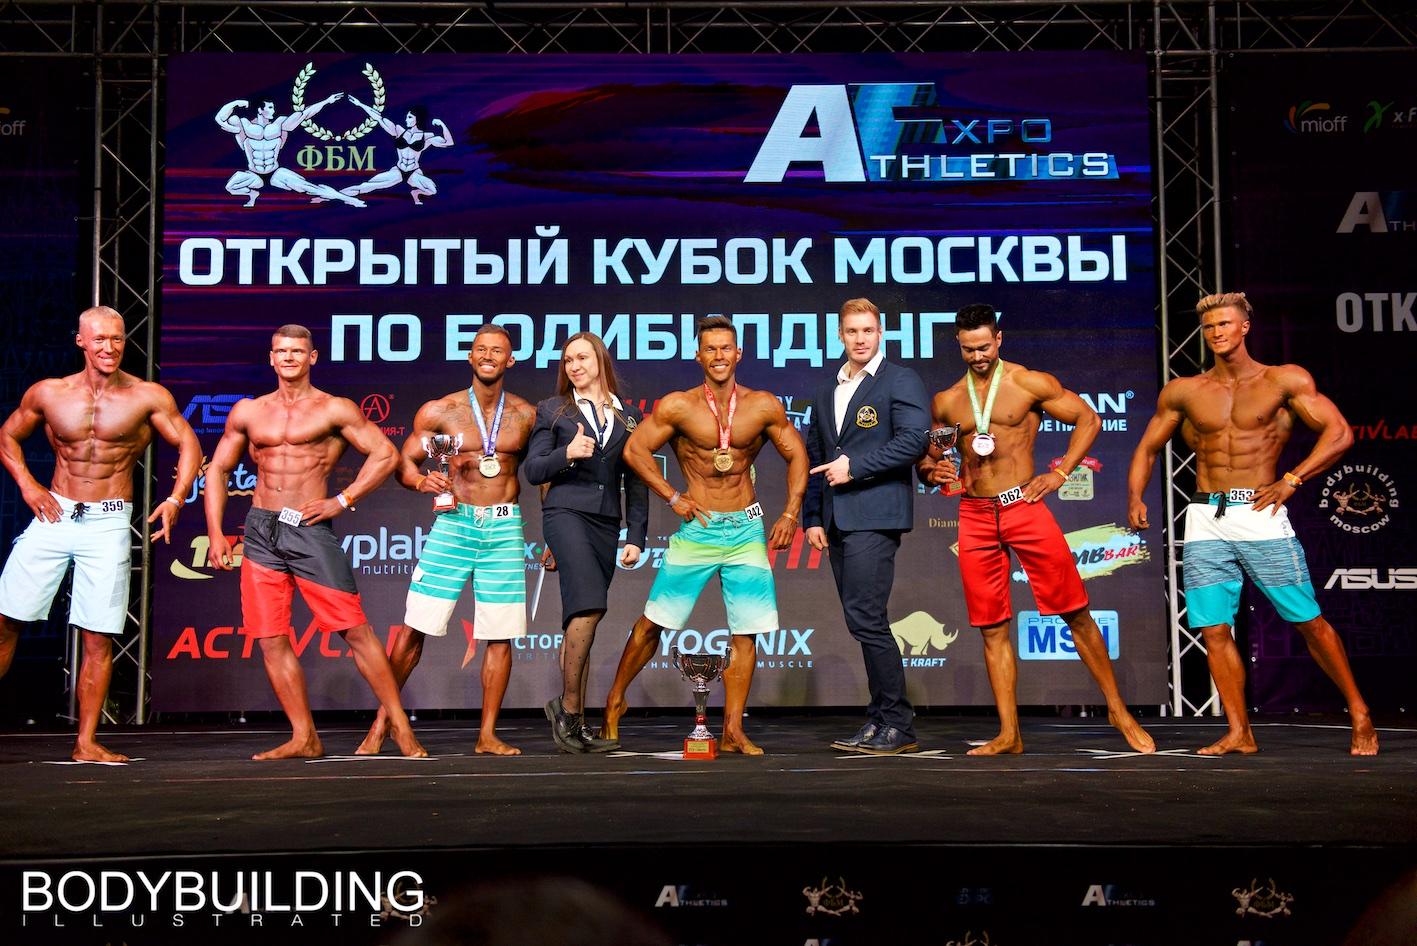 Кубок Москвы по бодибилдингу 2019 Пляжный бодибилдинг +178см